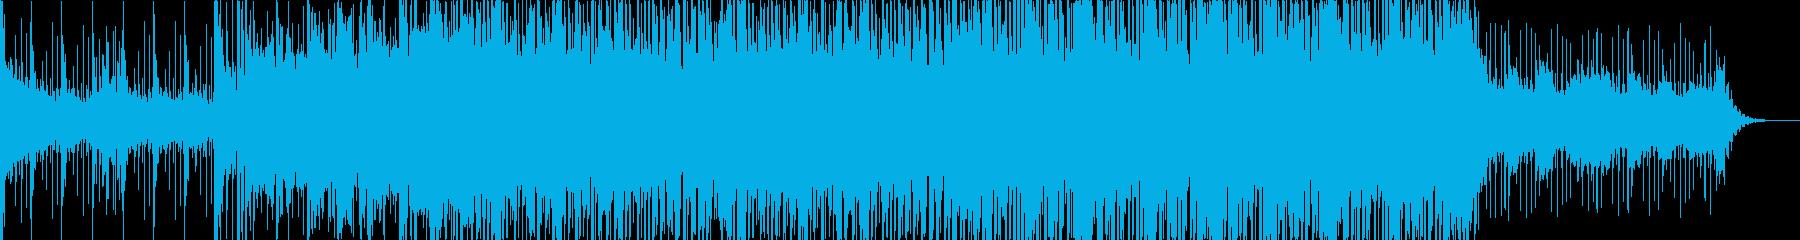 ピアノ、サックスを主体としたハウスの再生済みの波形